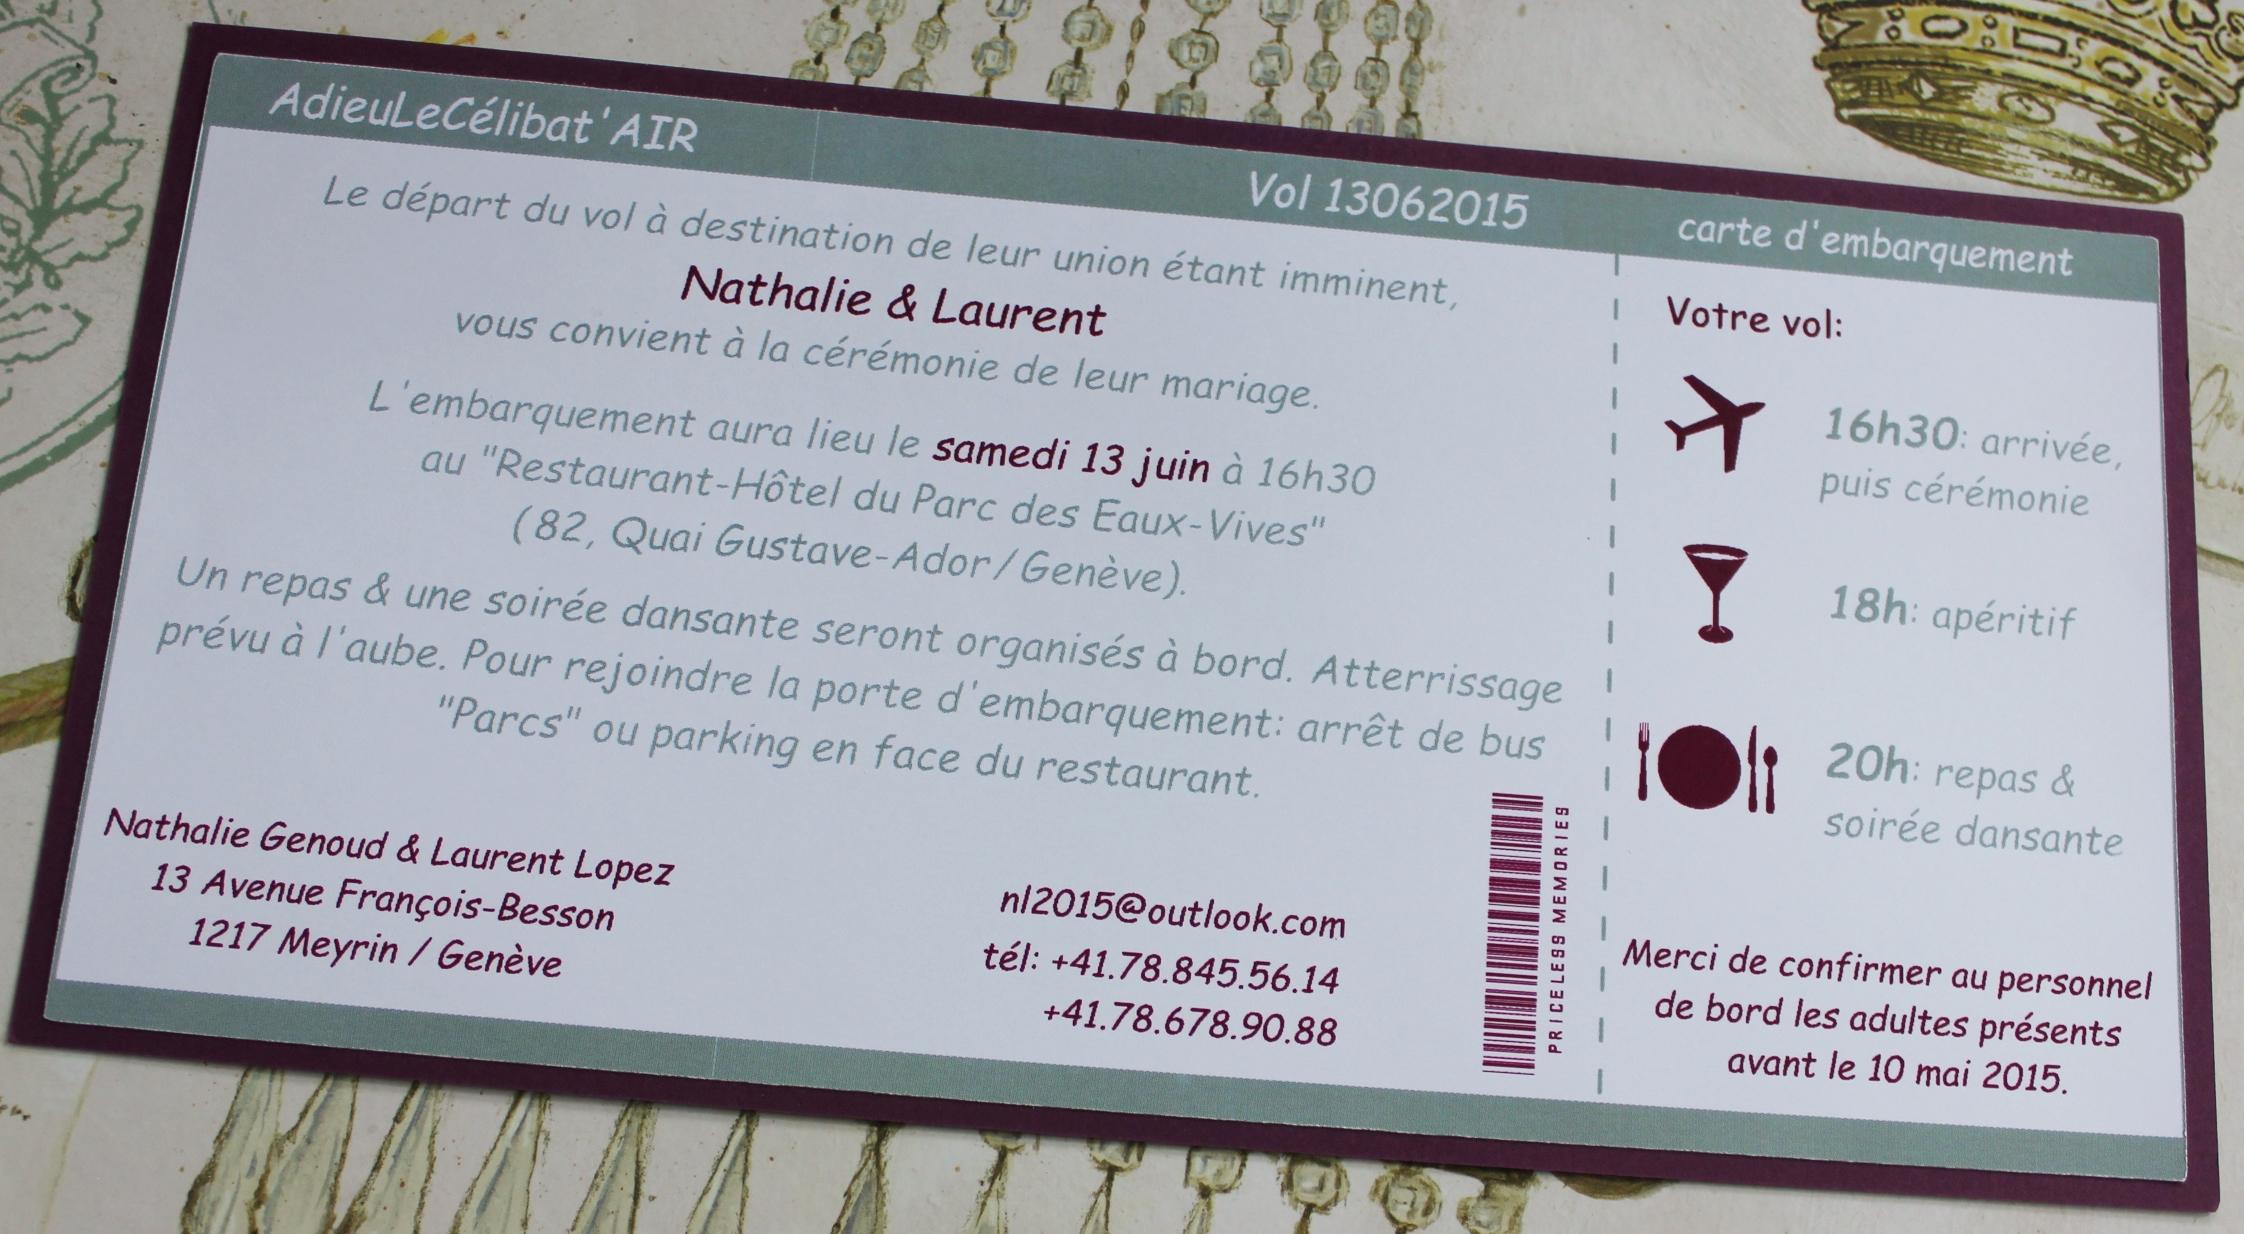 img_9957 img_9956 img_9960 img_9959 img_9958 publi dans faire part - Faire Part Mariage Billet D Avion